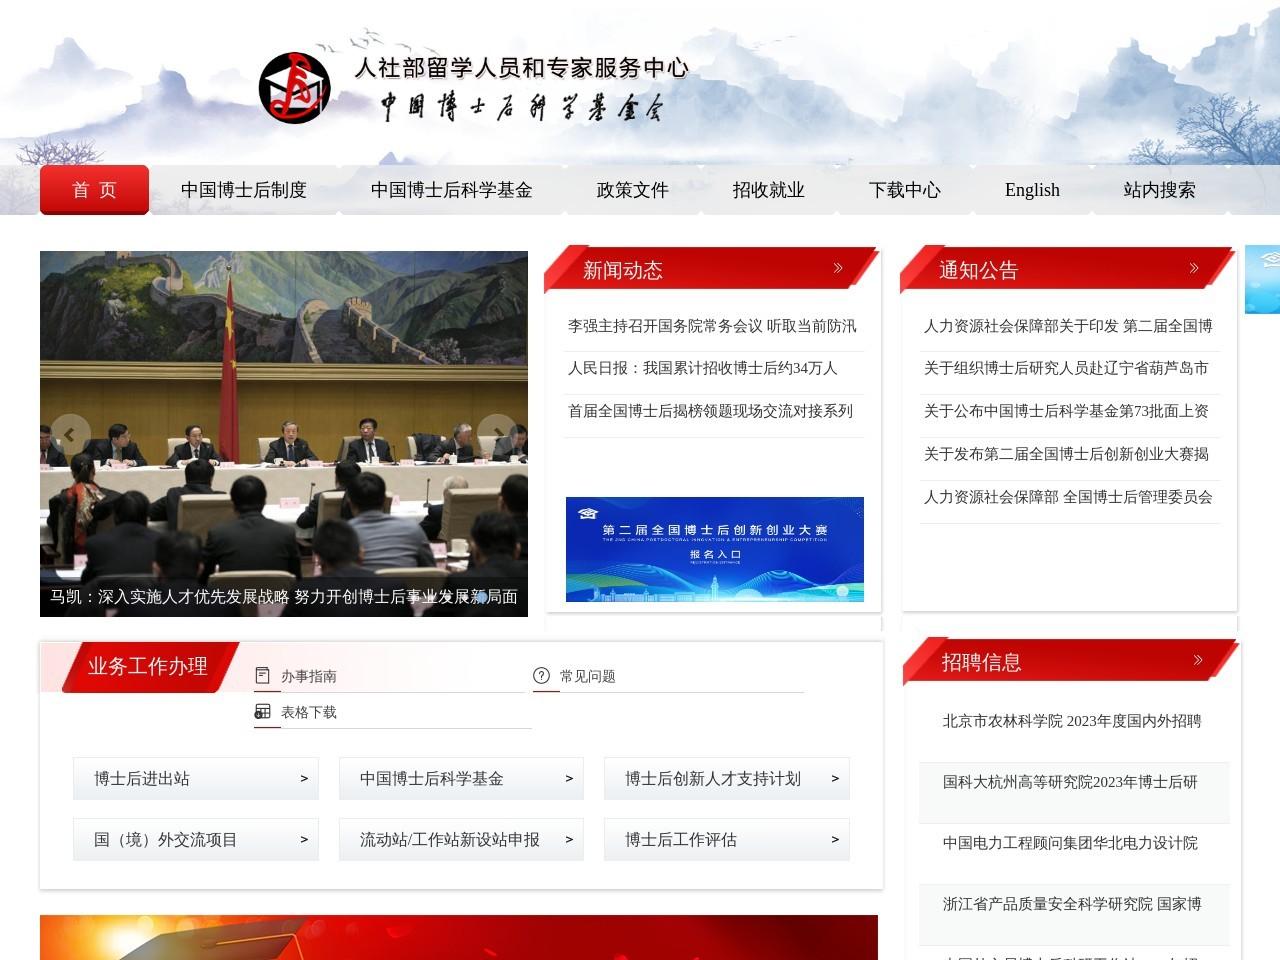 中国博士后网